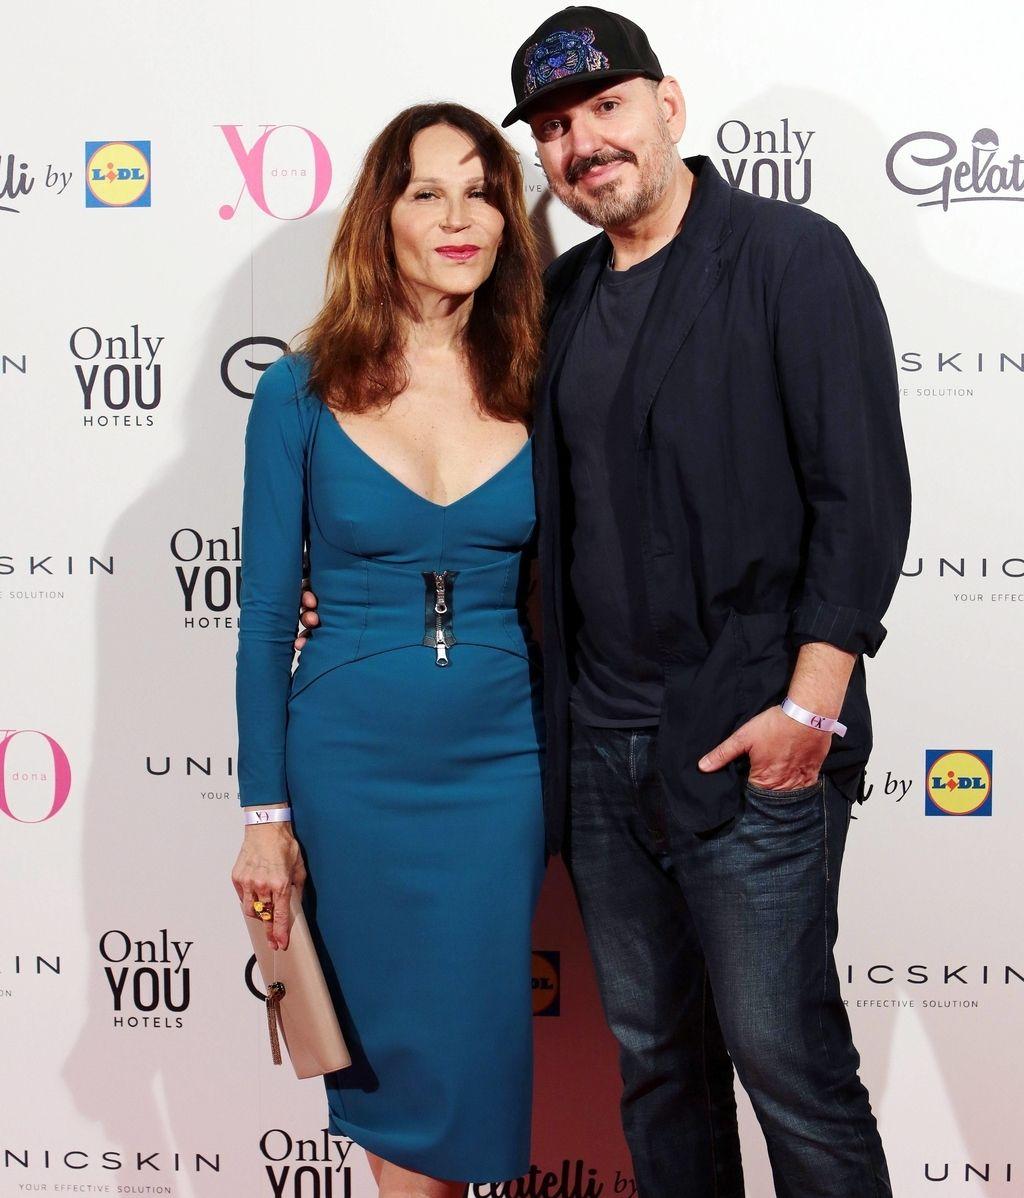 Antonia San Juan, con vestido azul ceñido, junto al diseñador Juan Duyos